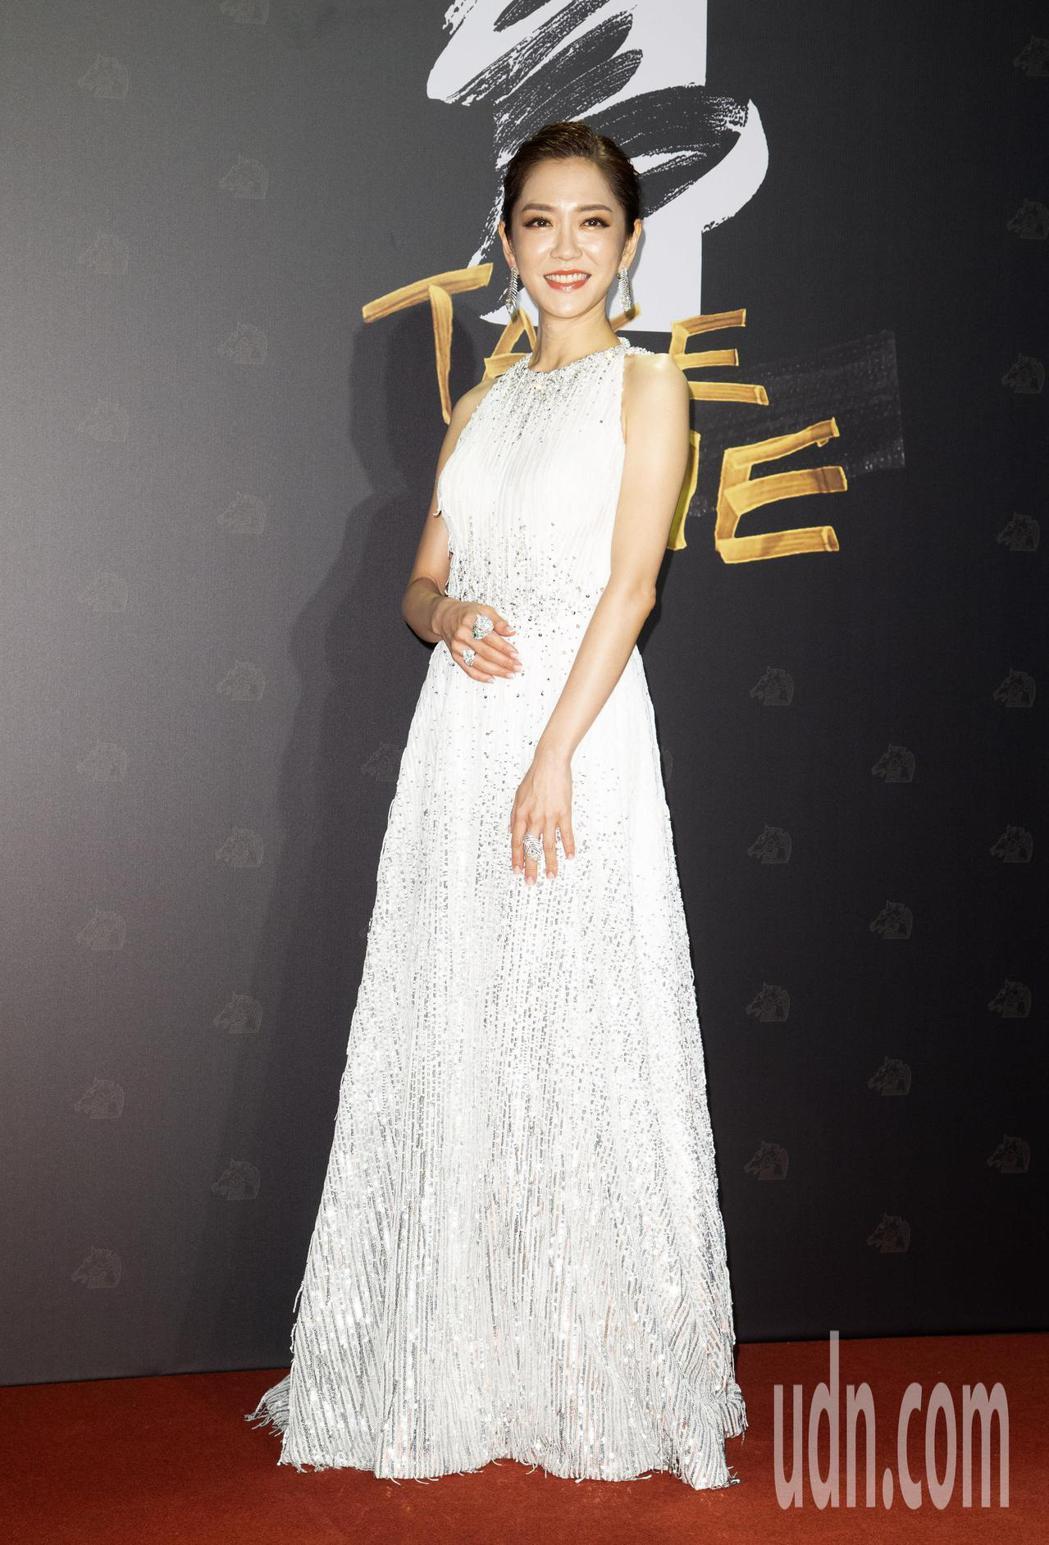 第57屆金馬獎頒獎典禮在國父紀念館舉行,楊千霈擔任星光大道主持人。記者陳立凱/攝